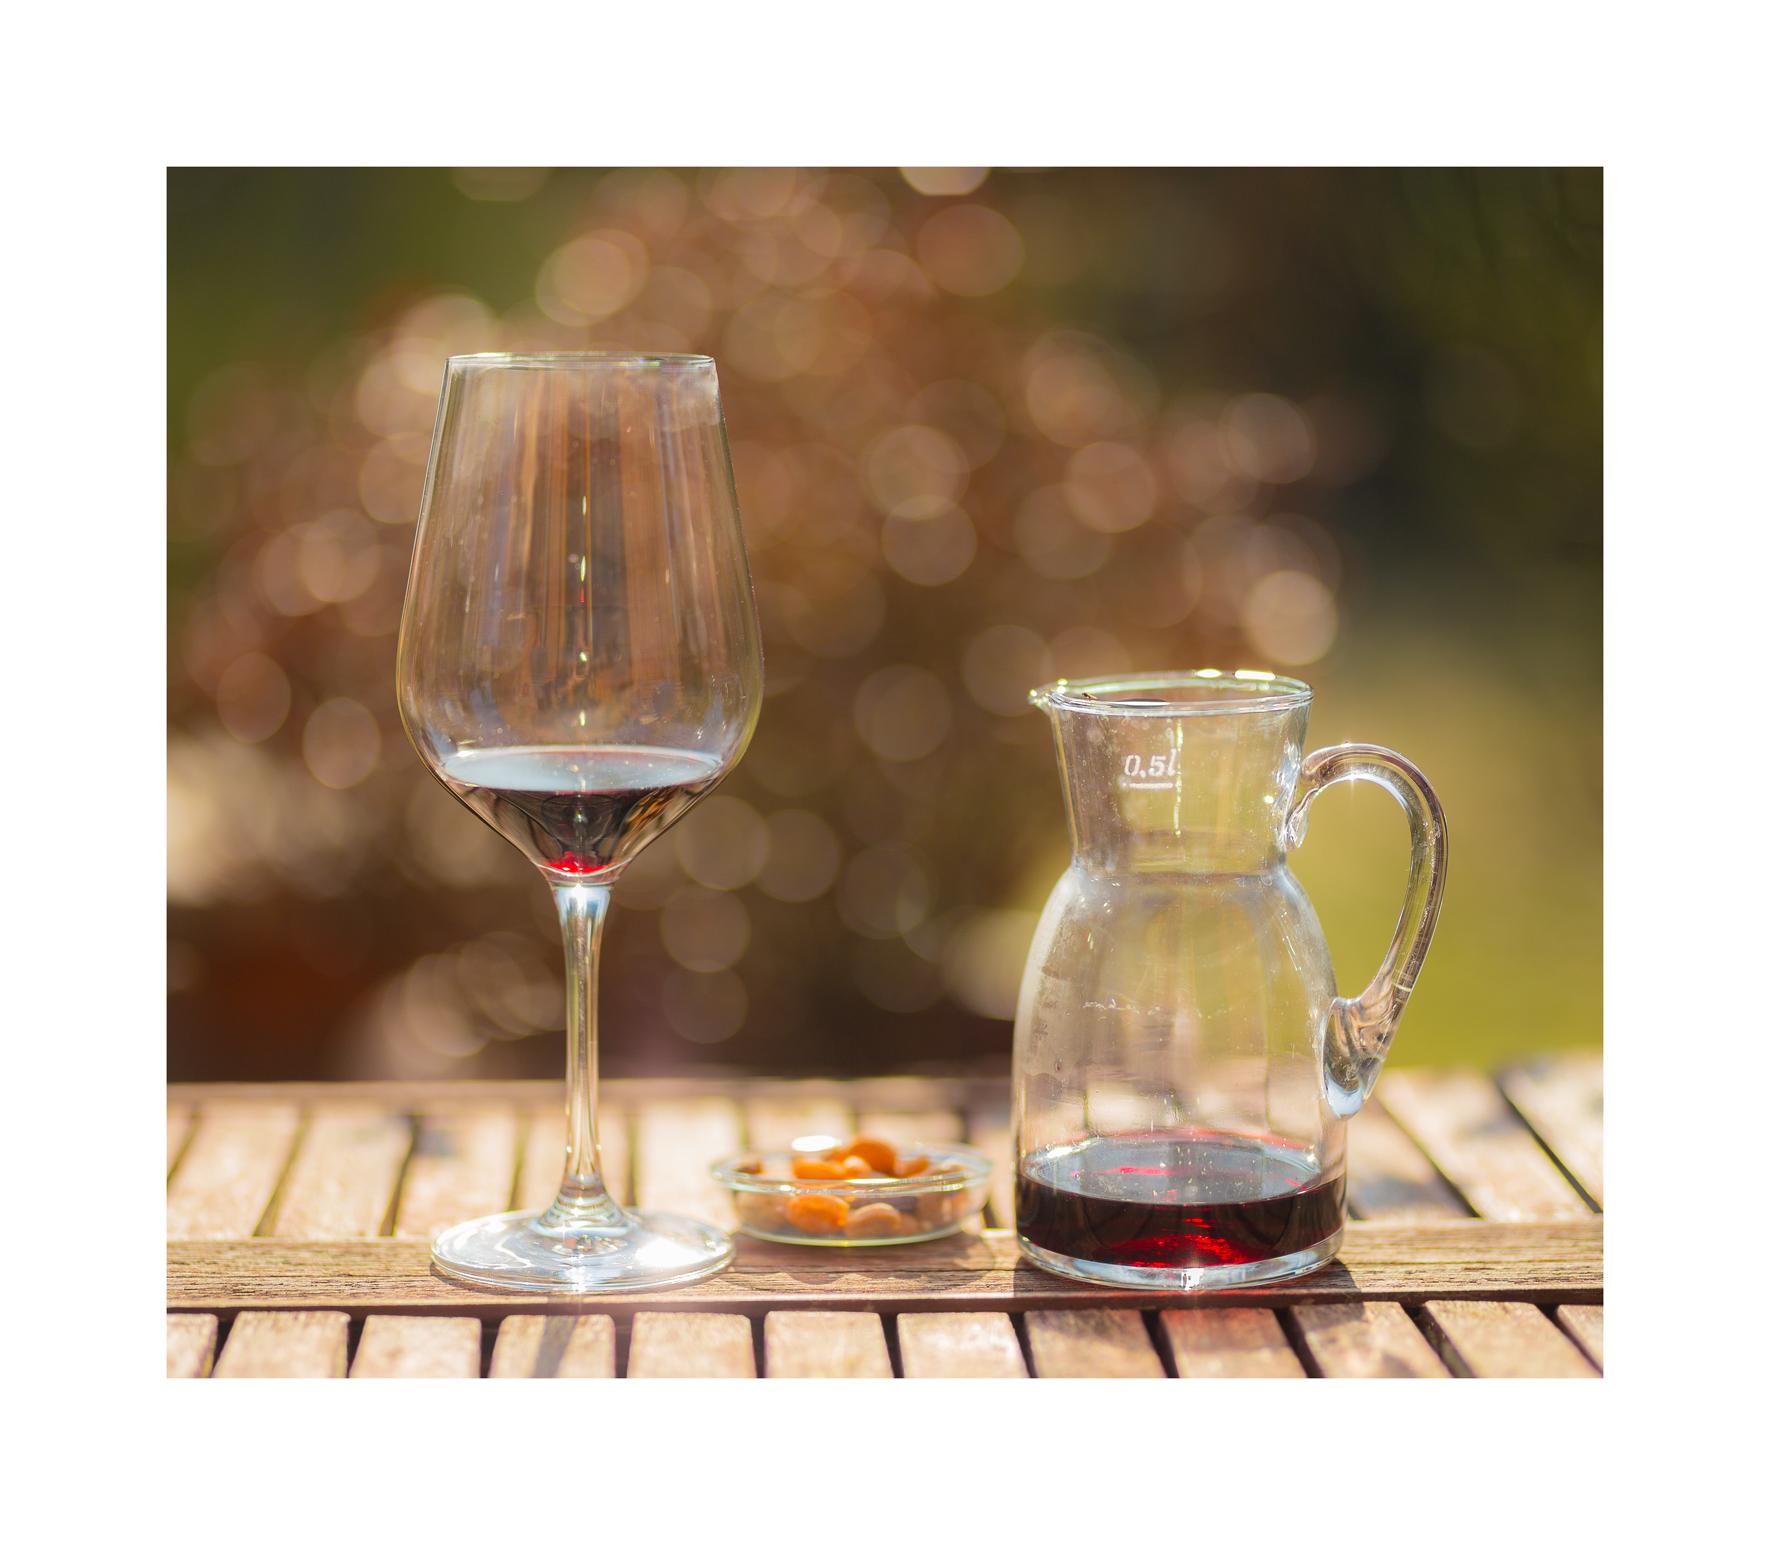 Hintergrundbilder : Frühling, Sonne, Jahreszeit, Wein, Sonnenlicht ...